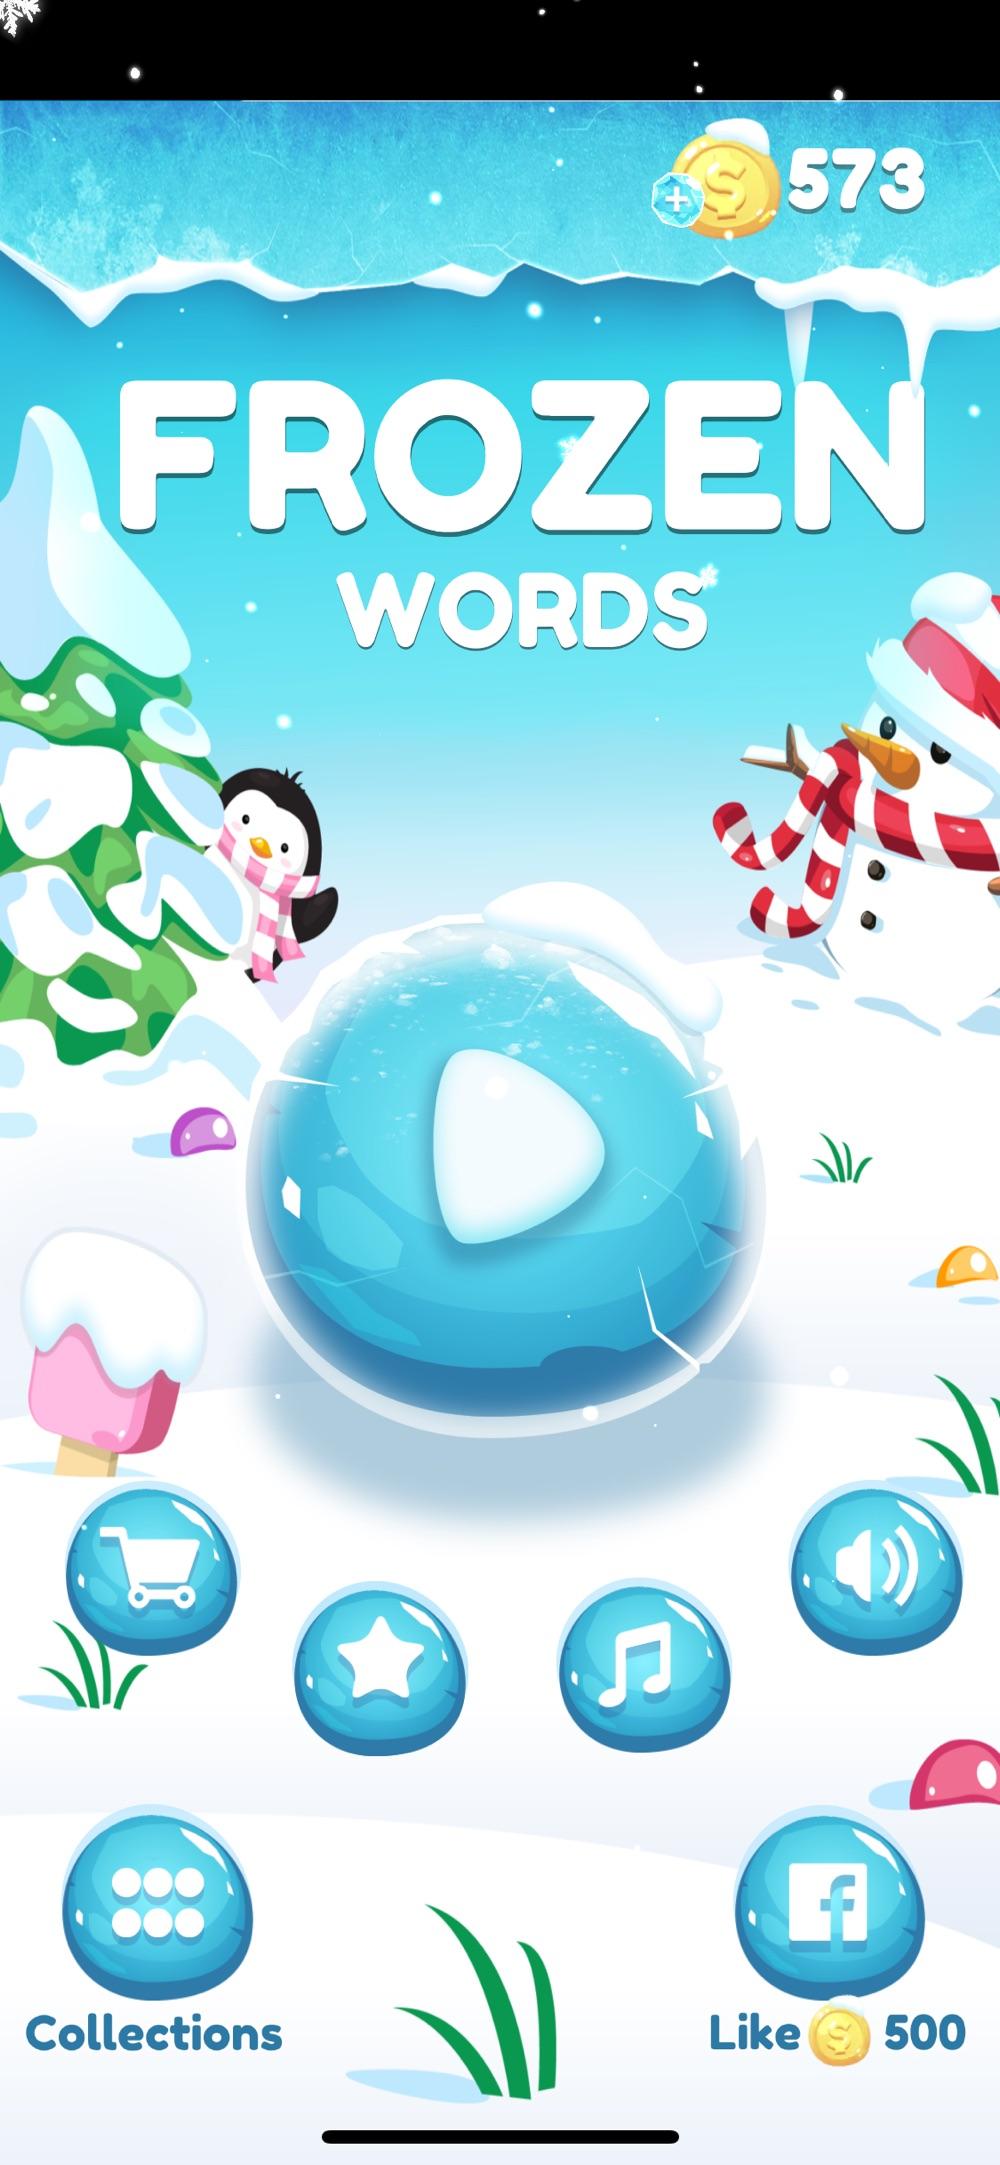 Frozen Words - Word Crossy hack tool